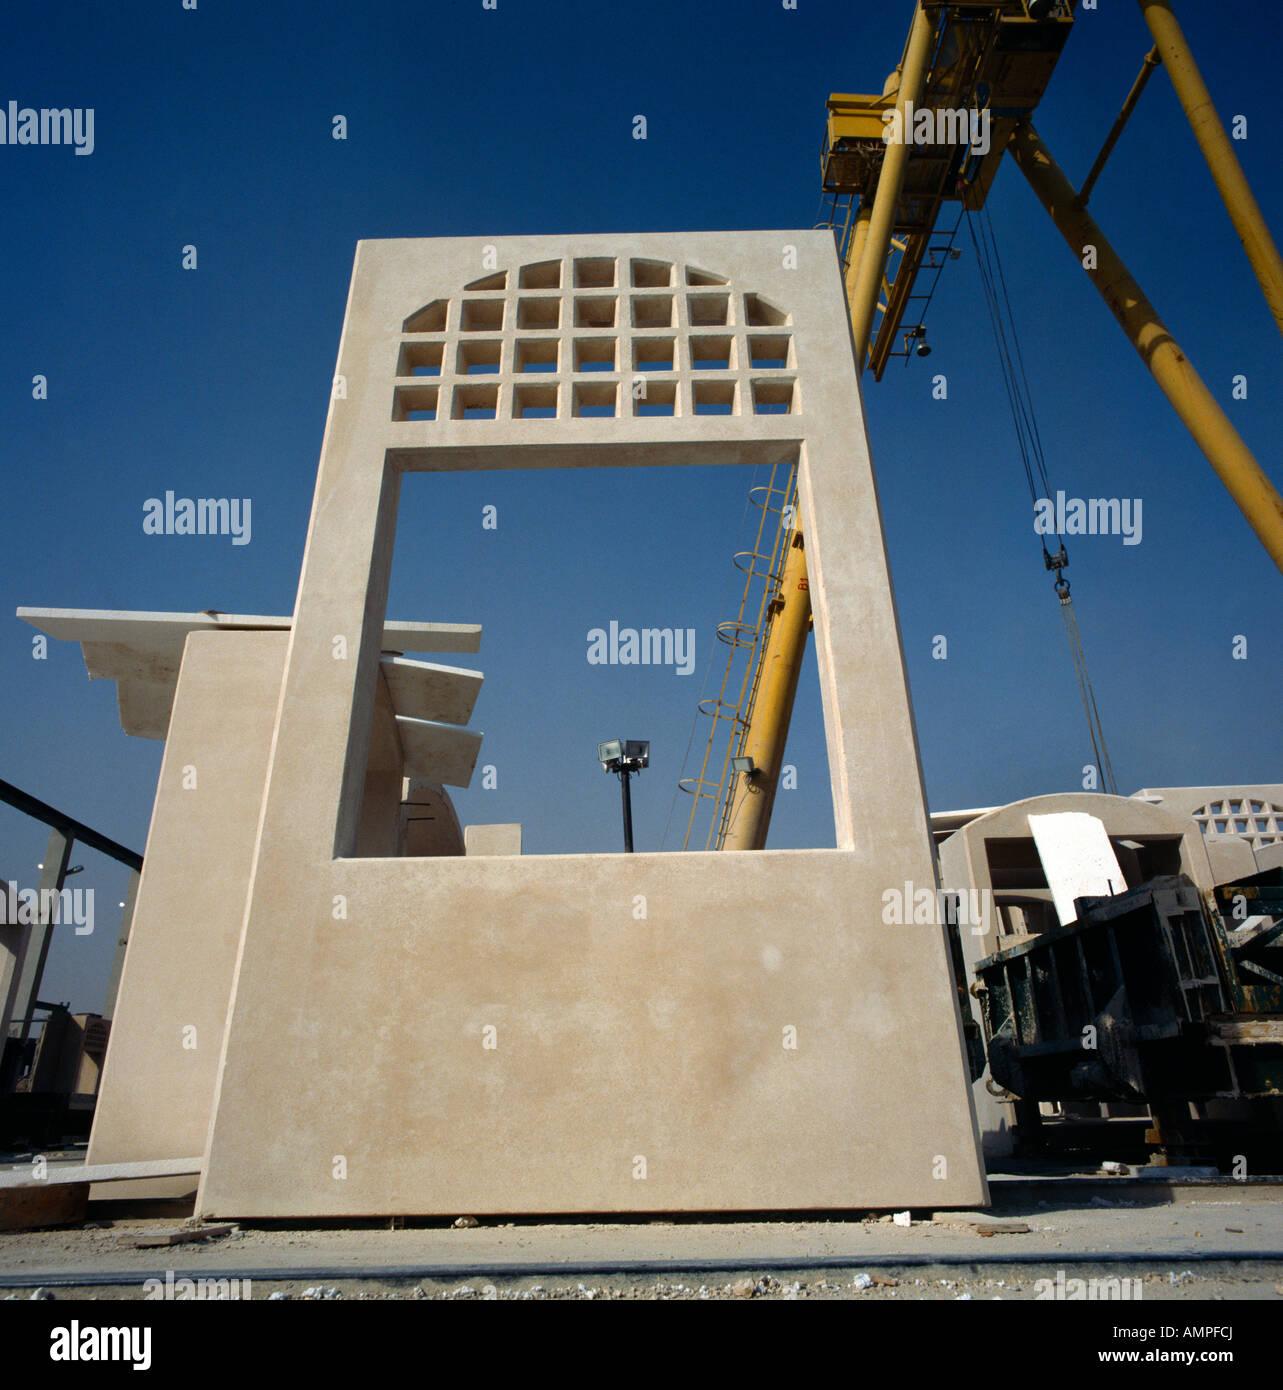 Arabia Saudita Paneles Prefabricados de construcción Imagen De Stock